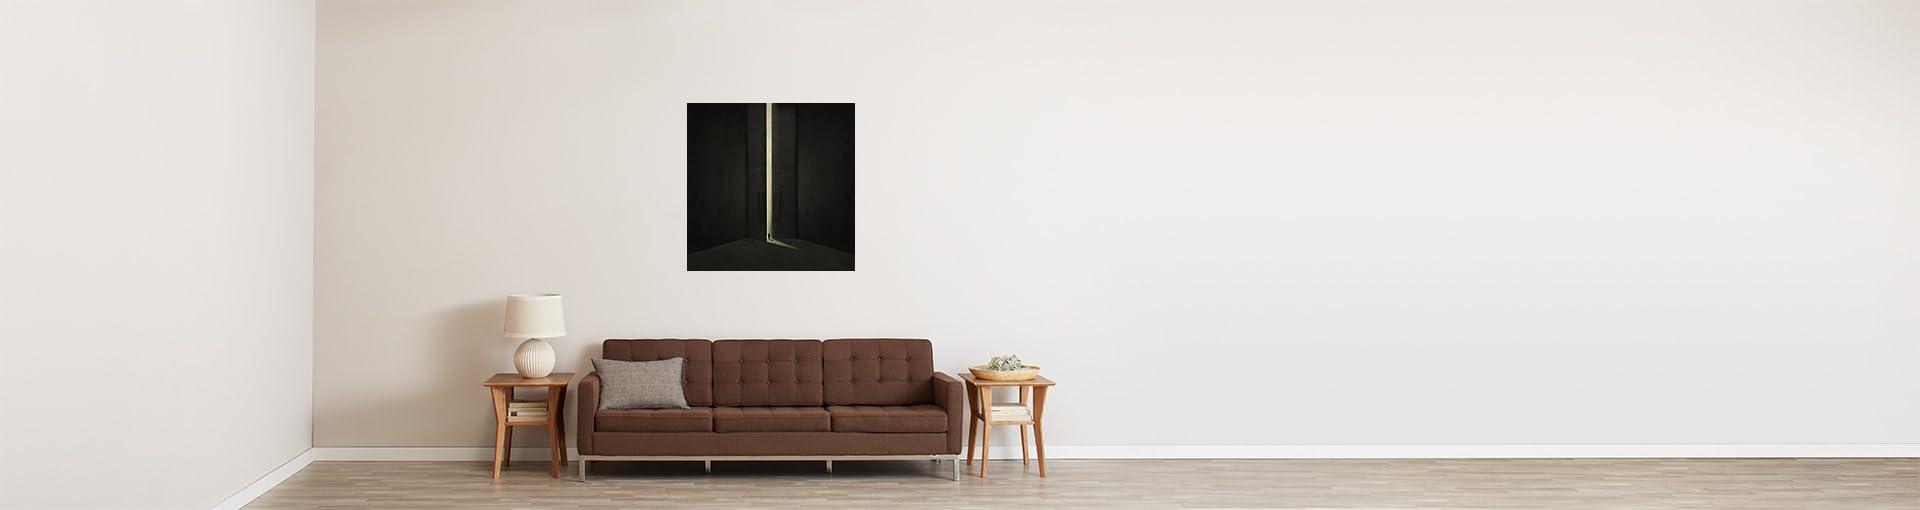 Amazon.com: See the Light (42x42 in): Philip McKay: Fine Art